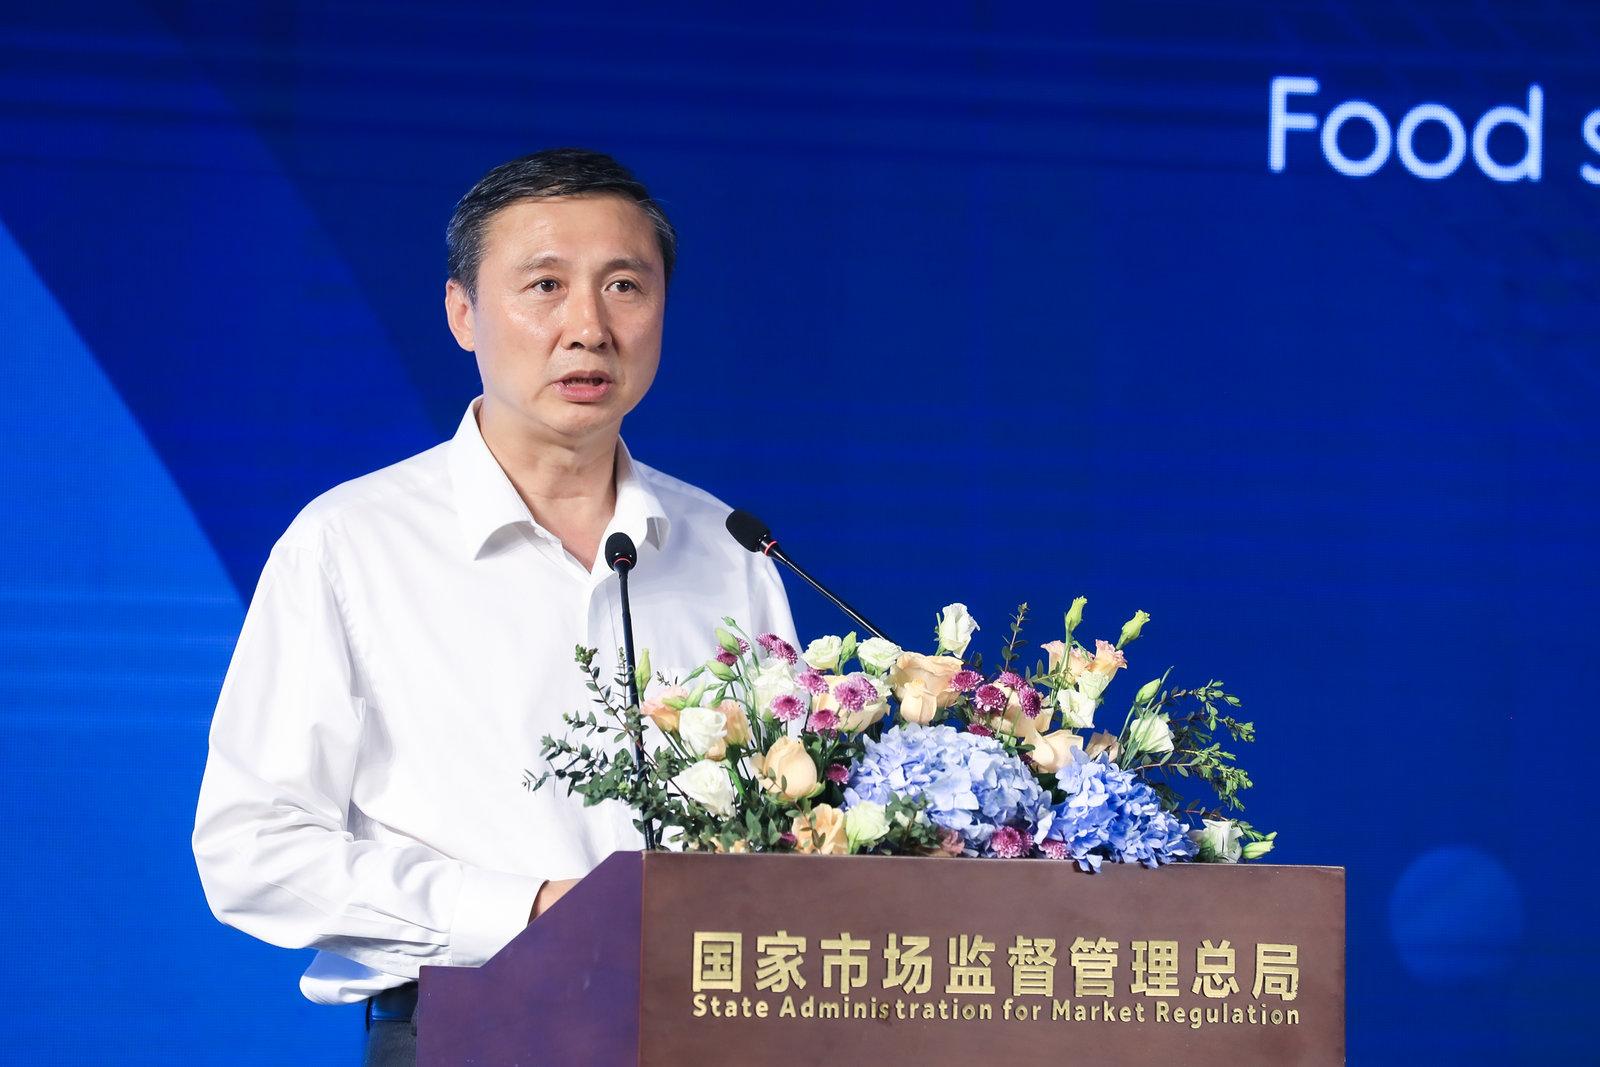 中国质量报刊社社长李刚:节约粮食是每一个人义不容辞的职责